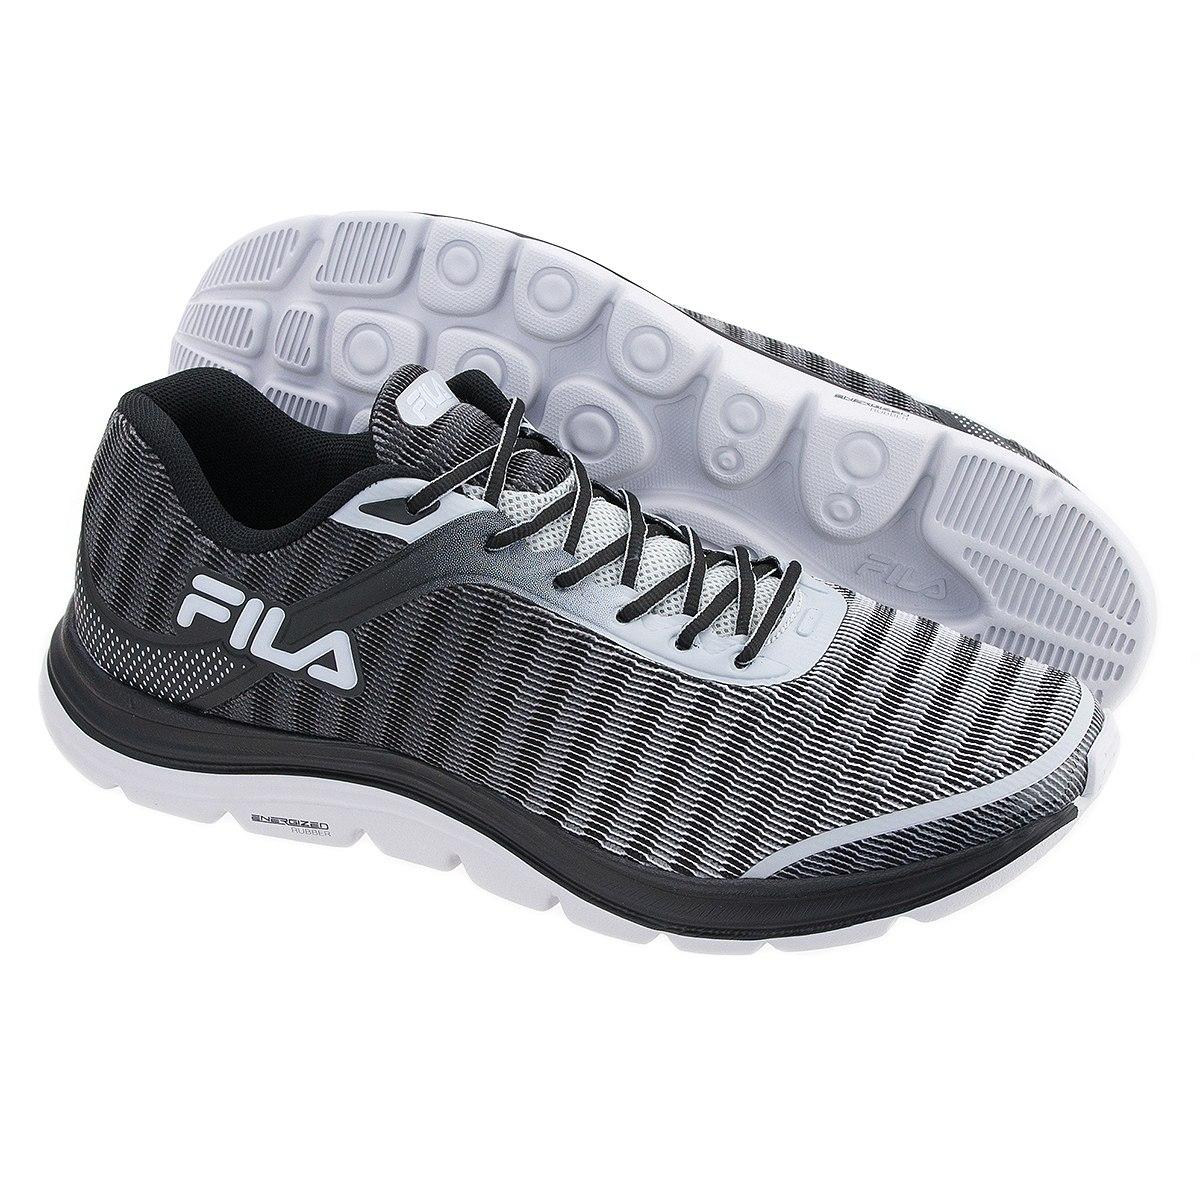 d4283f77f0c tênis fila softness 2.0 numeração especial do 45 ao 48. Carregando zoom.